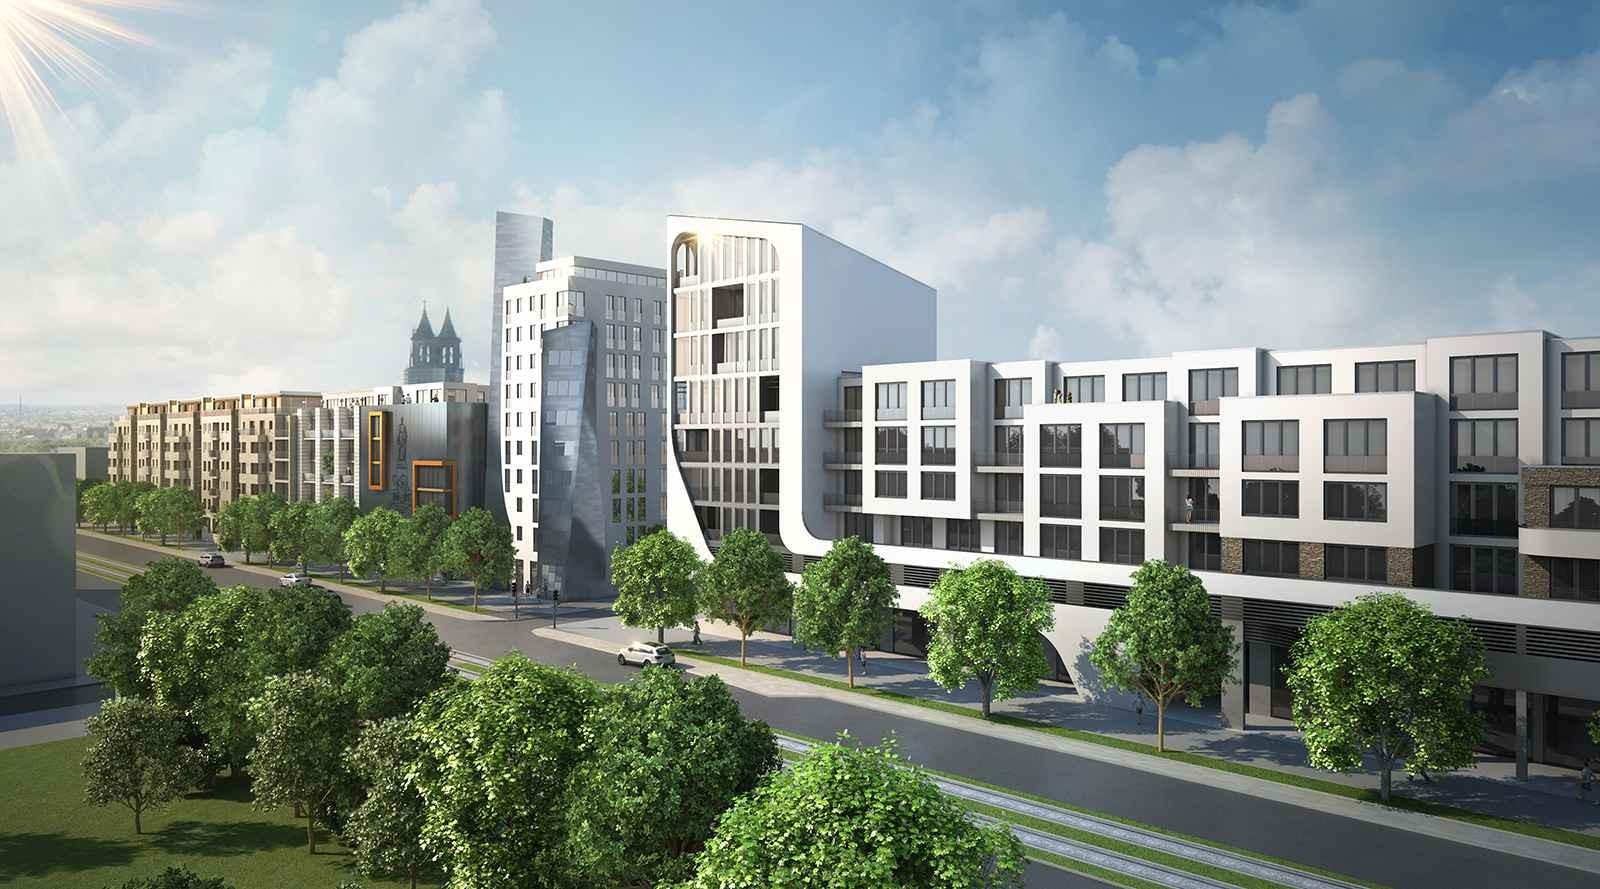 Bebauung MWG im Bereich Breiter Weg 261/262 Magdeburg - Architekturvisualisierung  Aussen